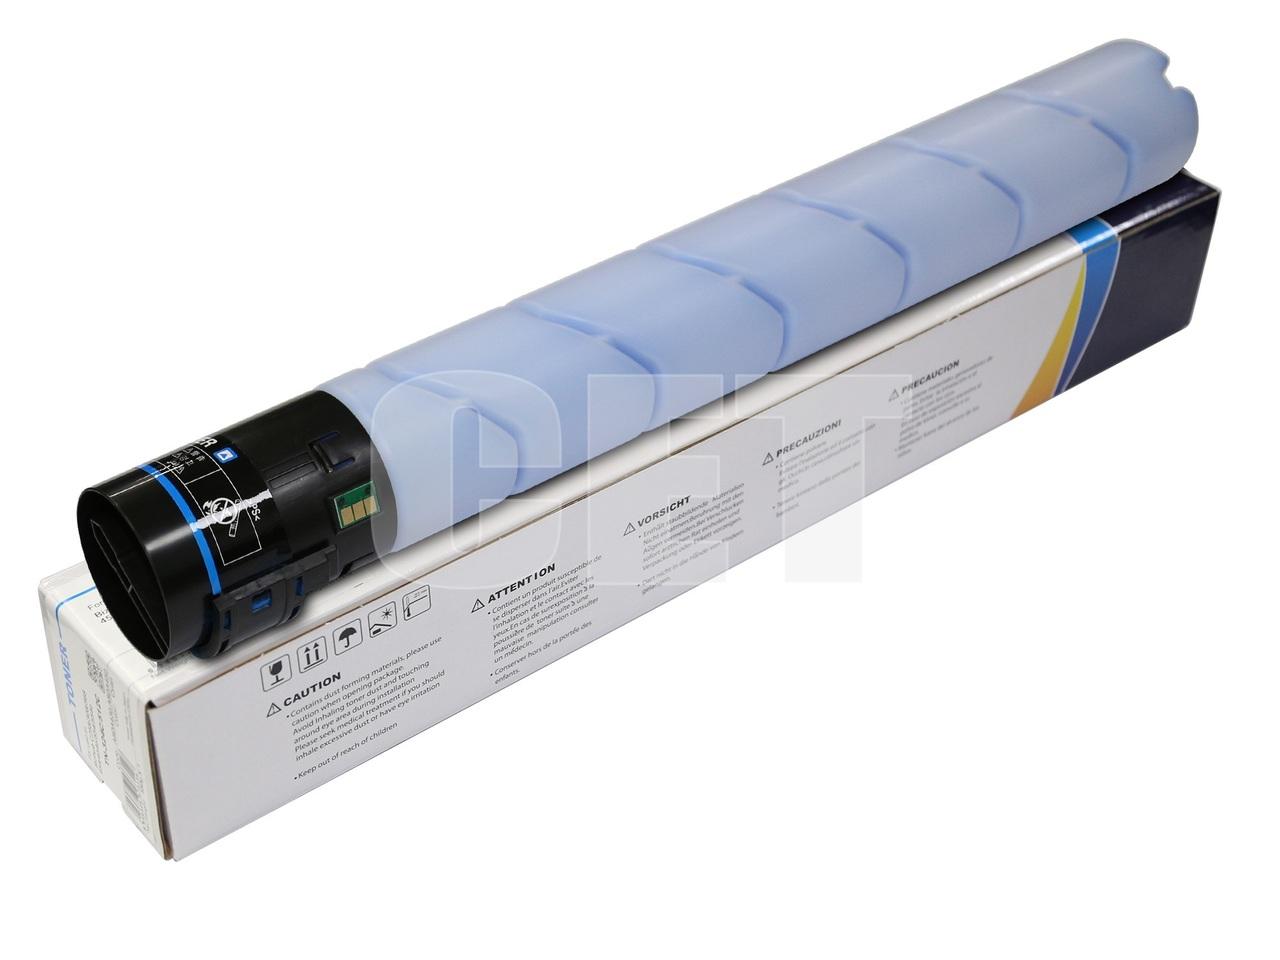 Тонер-картридж (CPT) TN-512C для KONICA MINOLTA BizhubC454/554/454e/554e (CET) Cyan, 514г, 26000 стр., CET141255